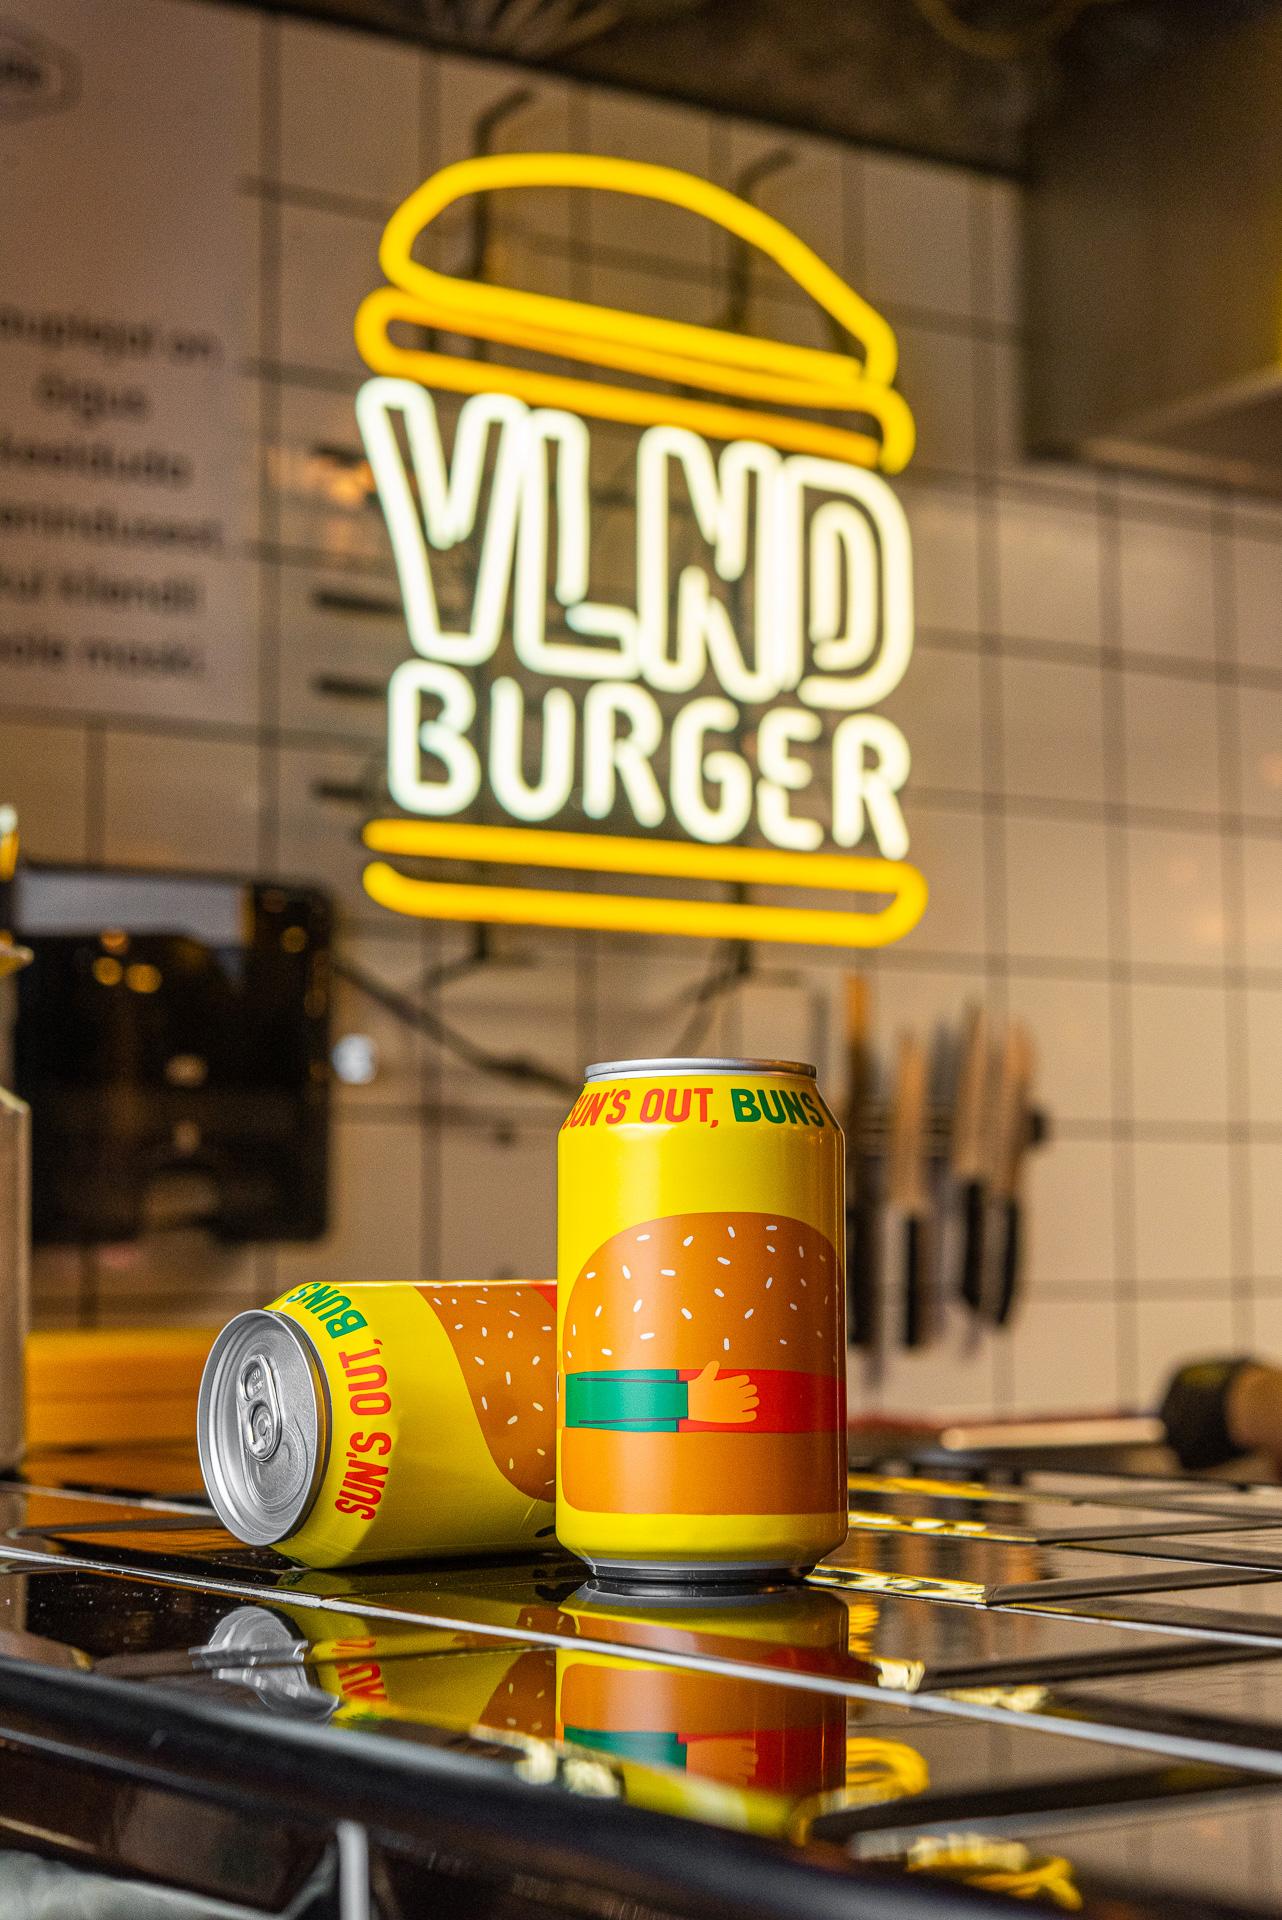 VLND burger Mikkeller käsitööõlu Uulits Tänavagurmee